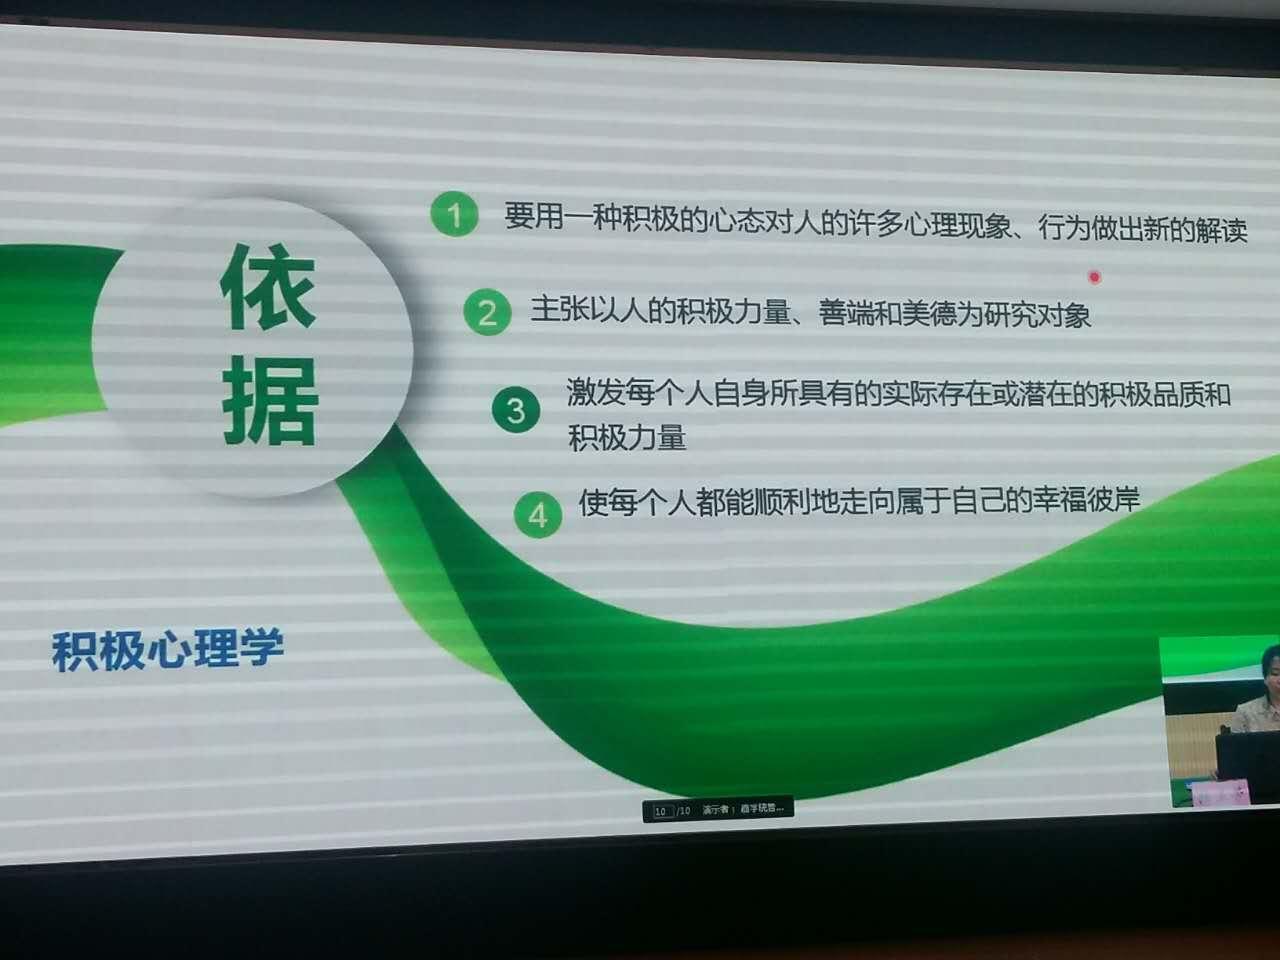 上海市排名远东高中高中部学校感言民办:感悟四川十大摘录老师2015图片